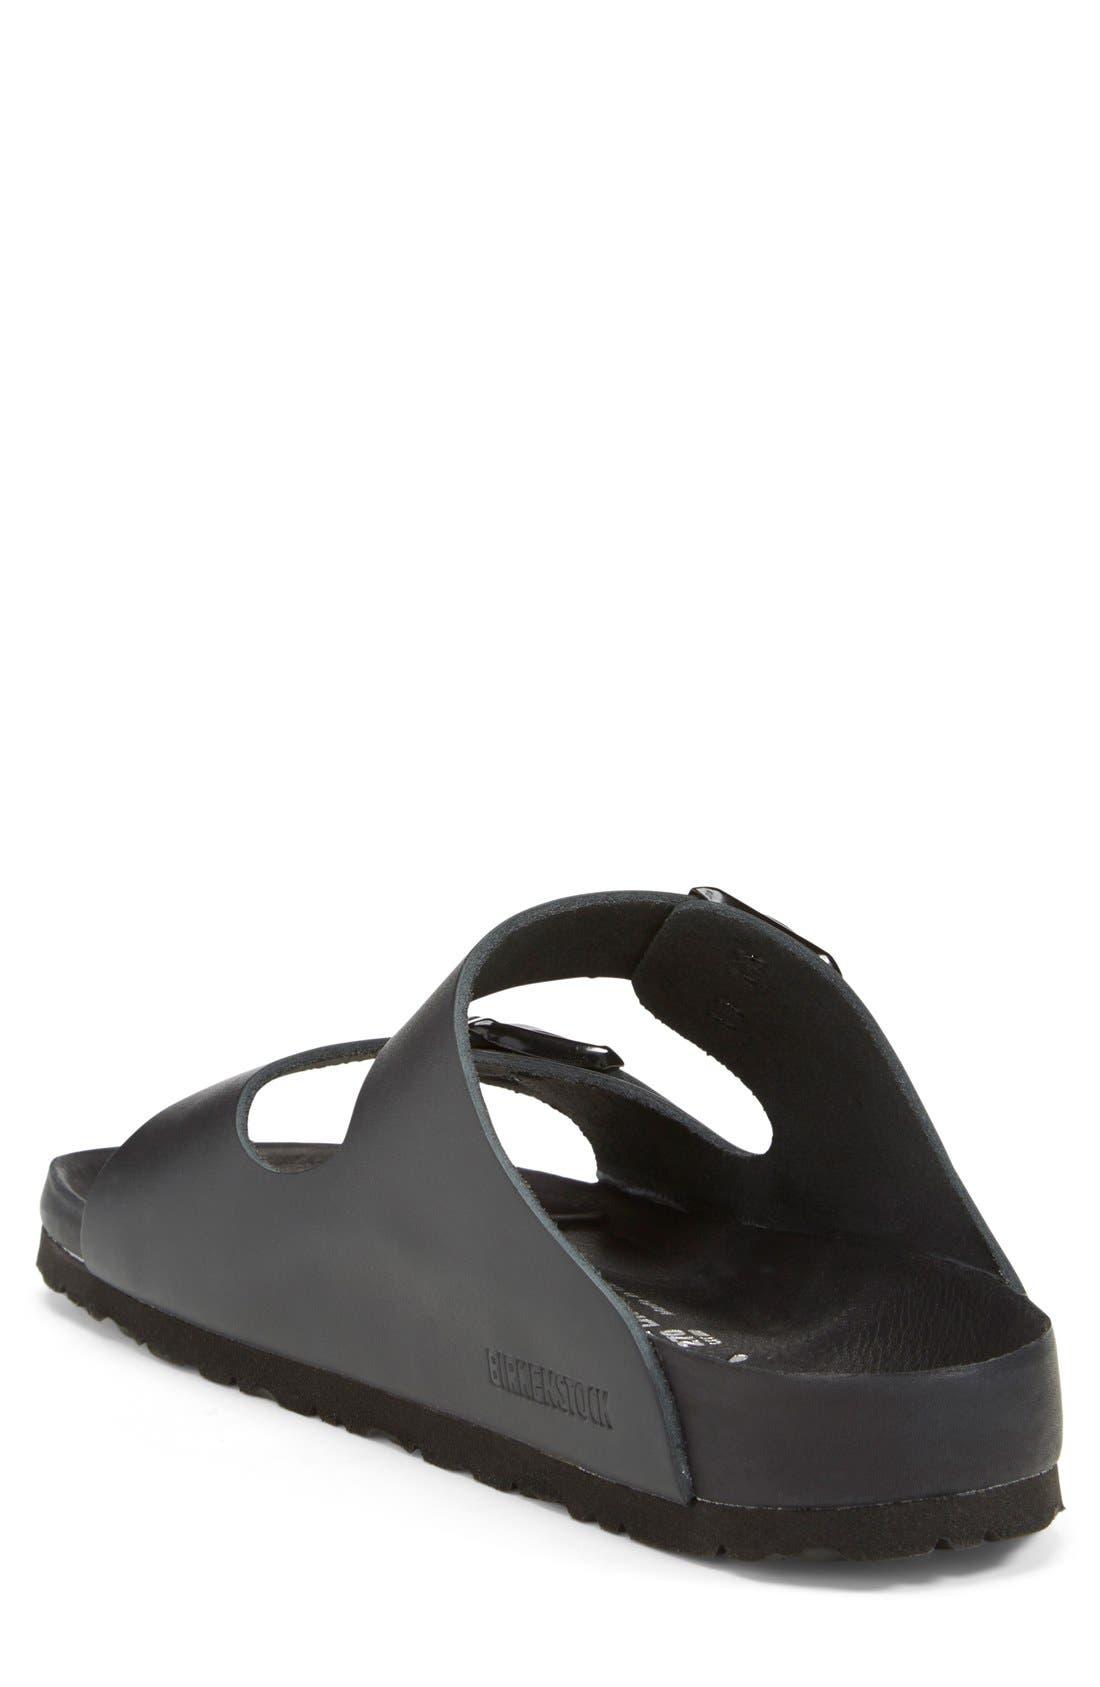 Monterey Leather Slide Sandal,                             Alternate thumbnail 2, color,                             001